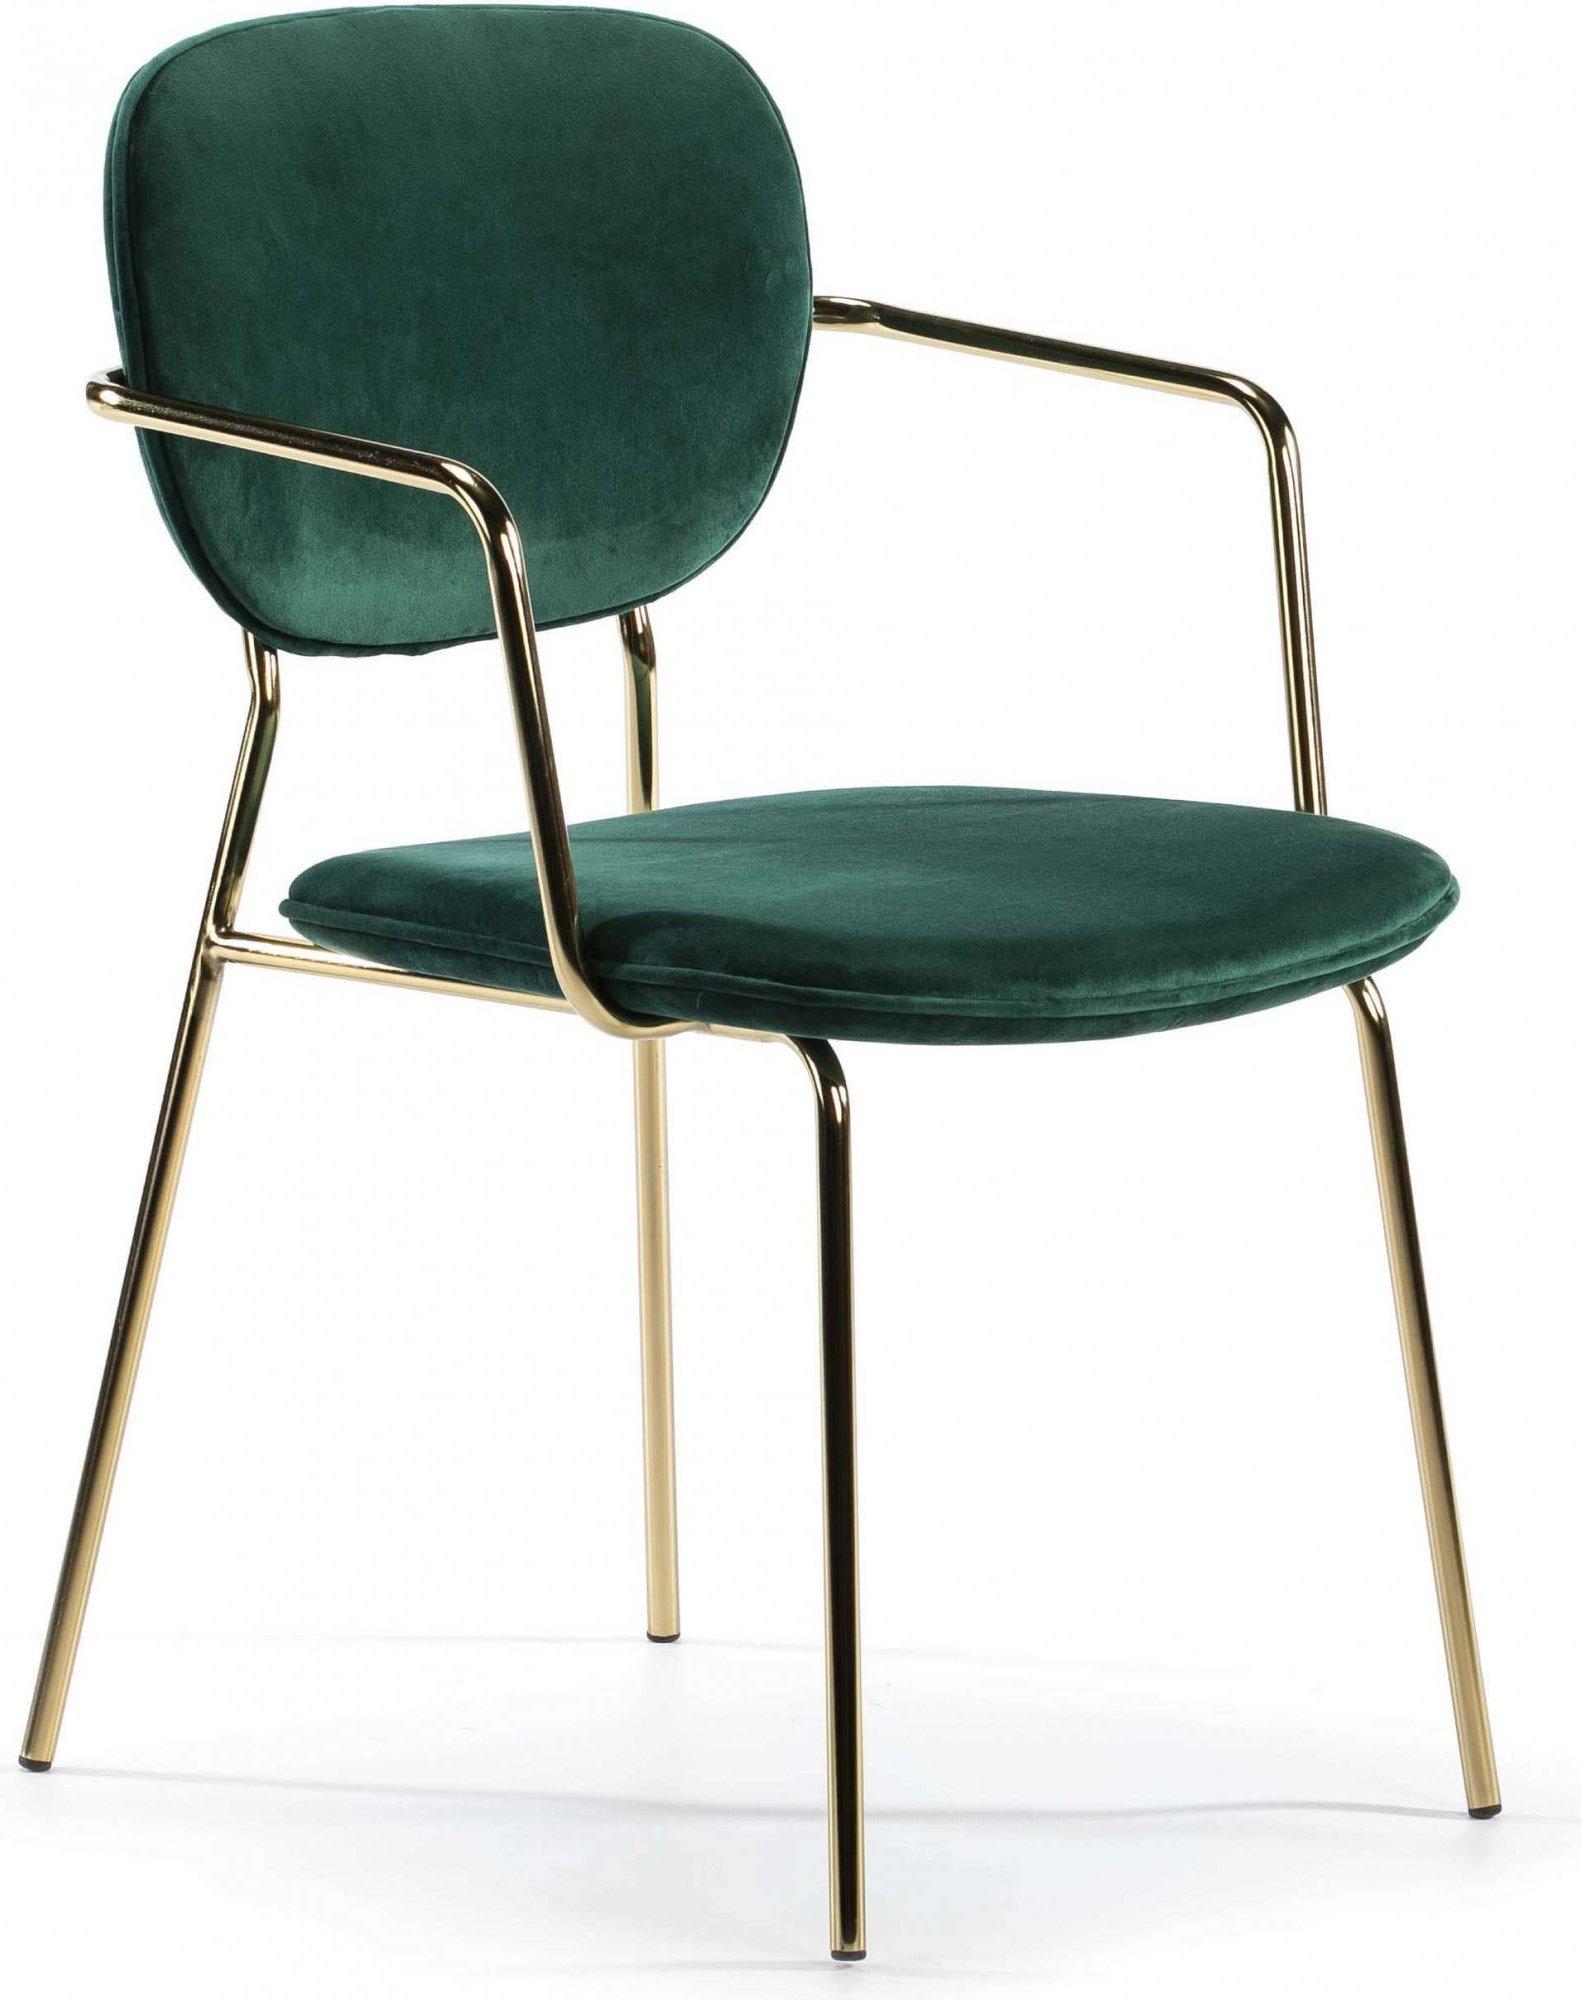 Chaise design rembourrée vert bouteille pietement doré